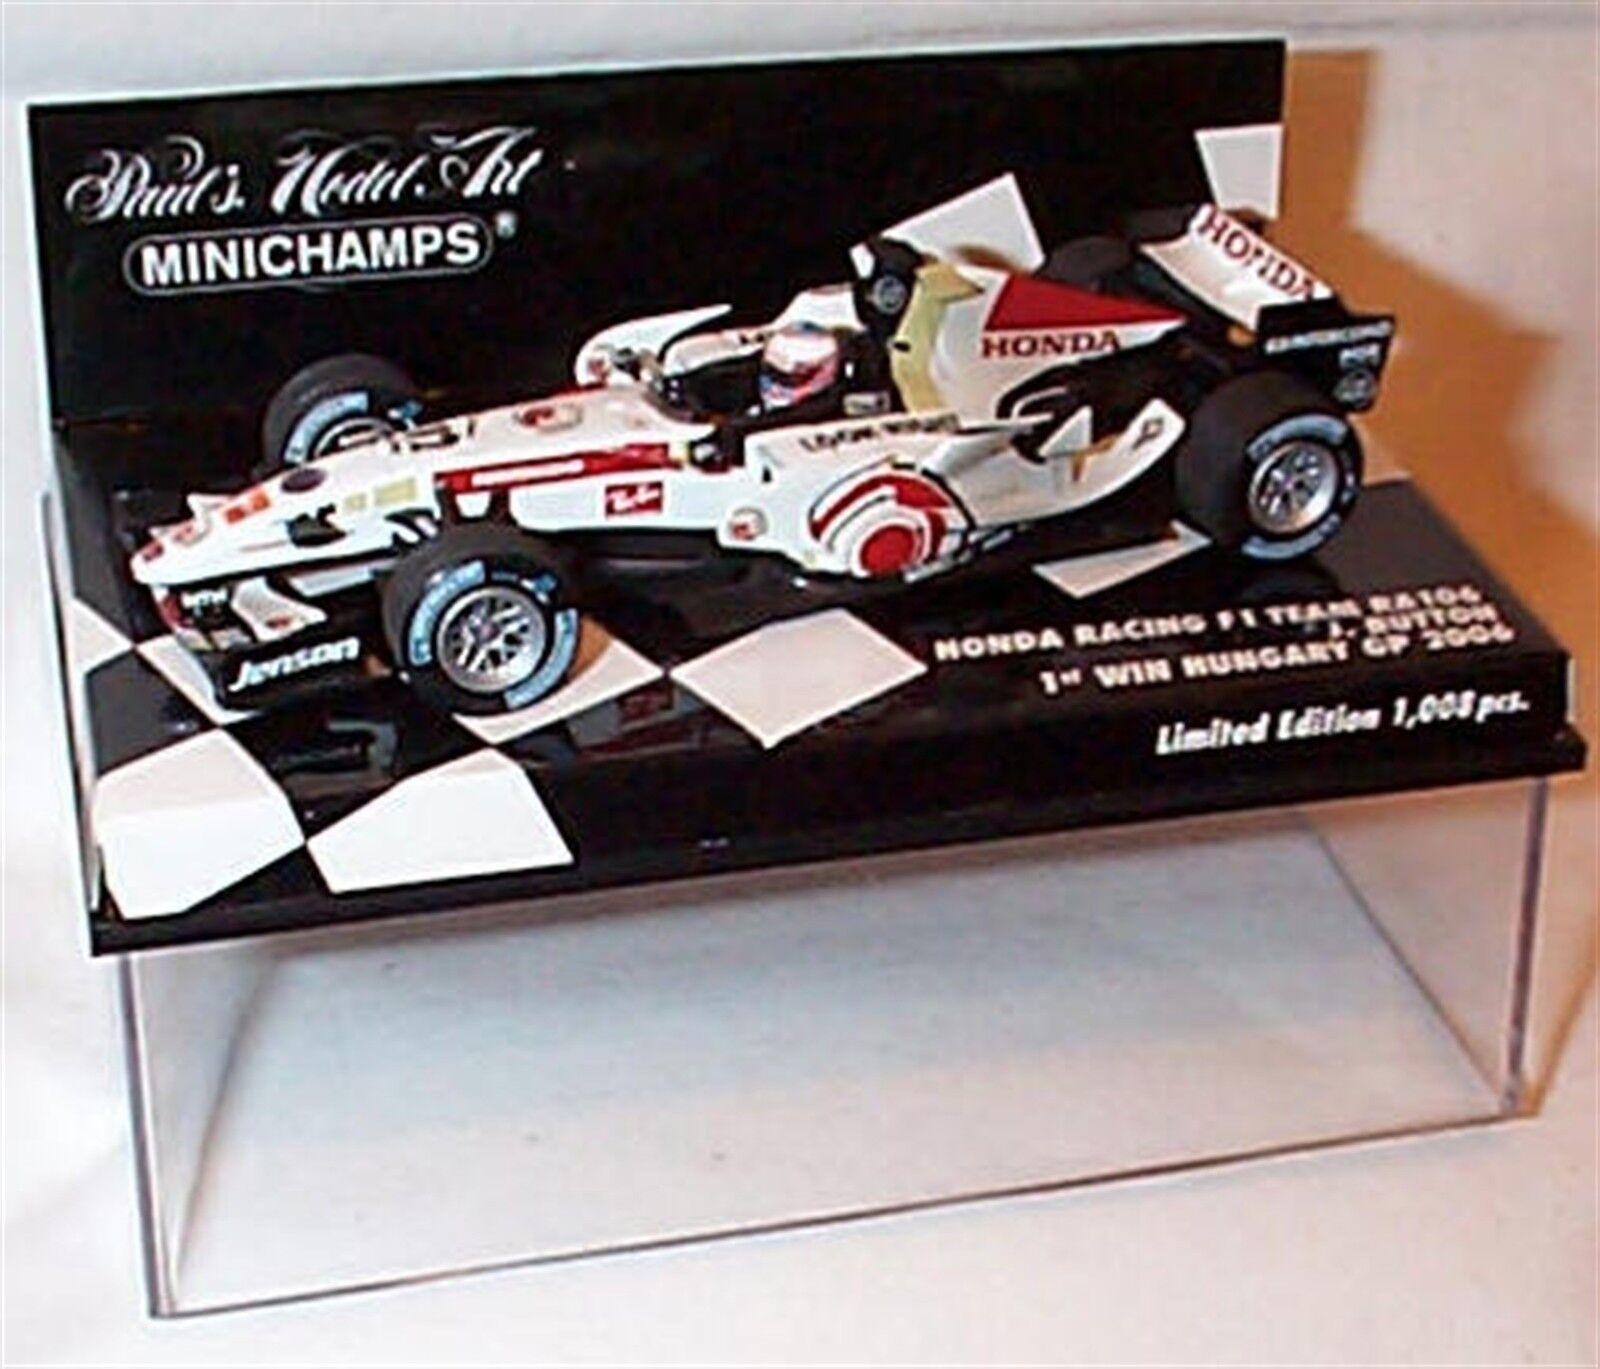 Nouveau 1 43 MINICHAMPS 400060412 HONDA RA106, vainqueur de la Hongrie GP 2006, bouton, SALE